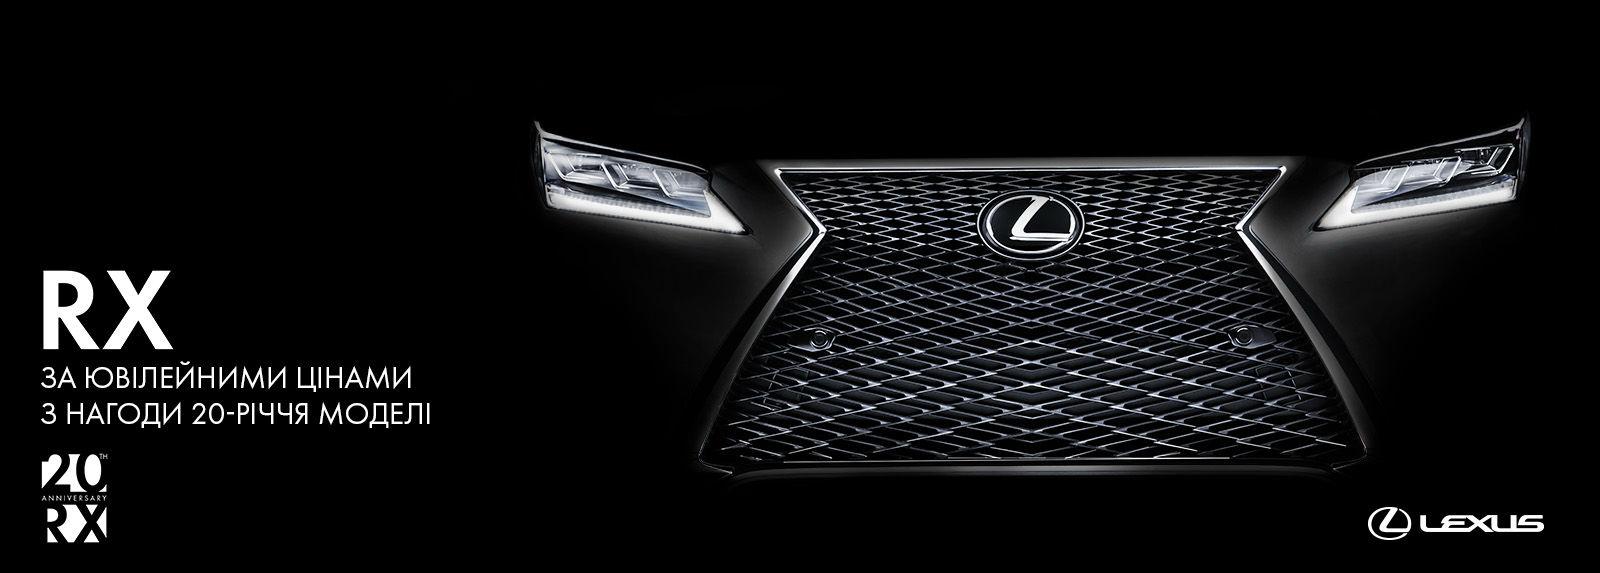 Ювілейні ціни Lexus RX